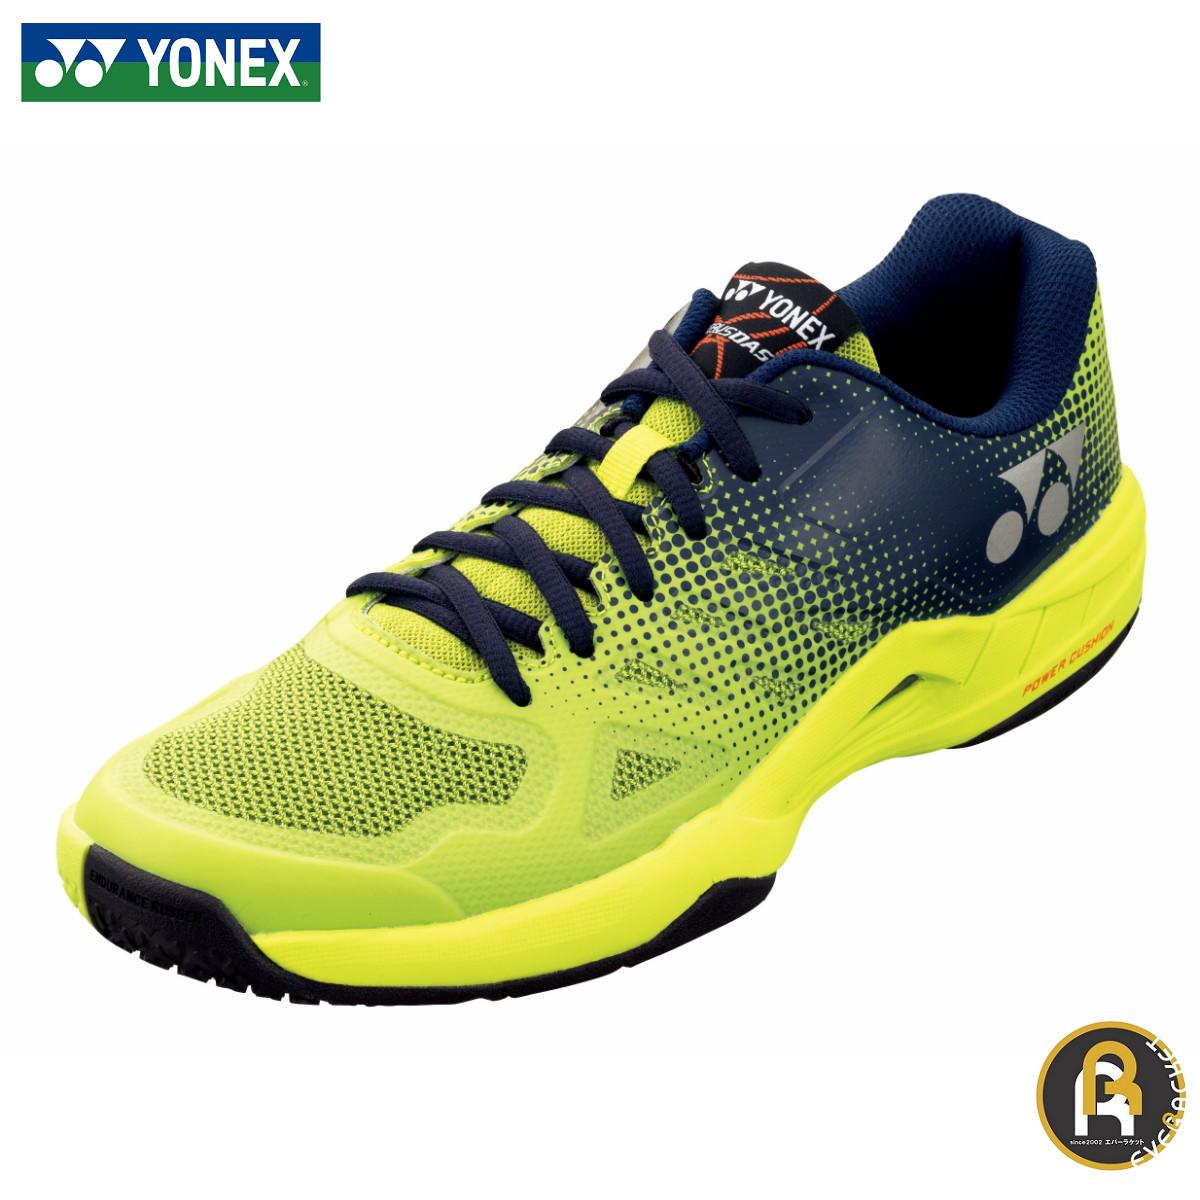 ヨネックス YONEX テニスシューズ パワークッションエアラスダッシュ2GC SHTAD2GC ソフトテニス